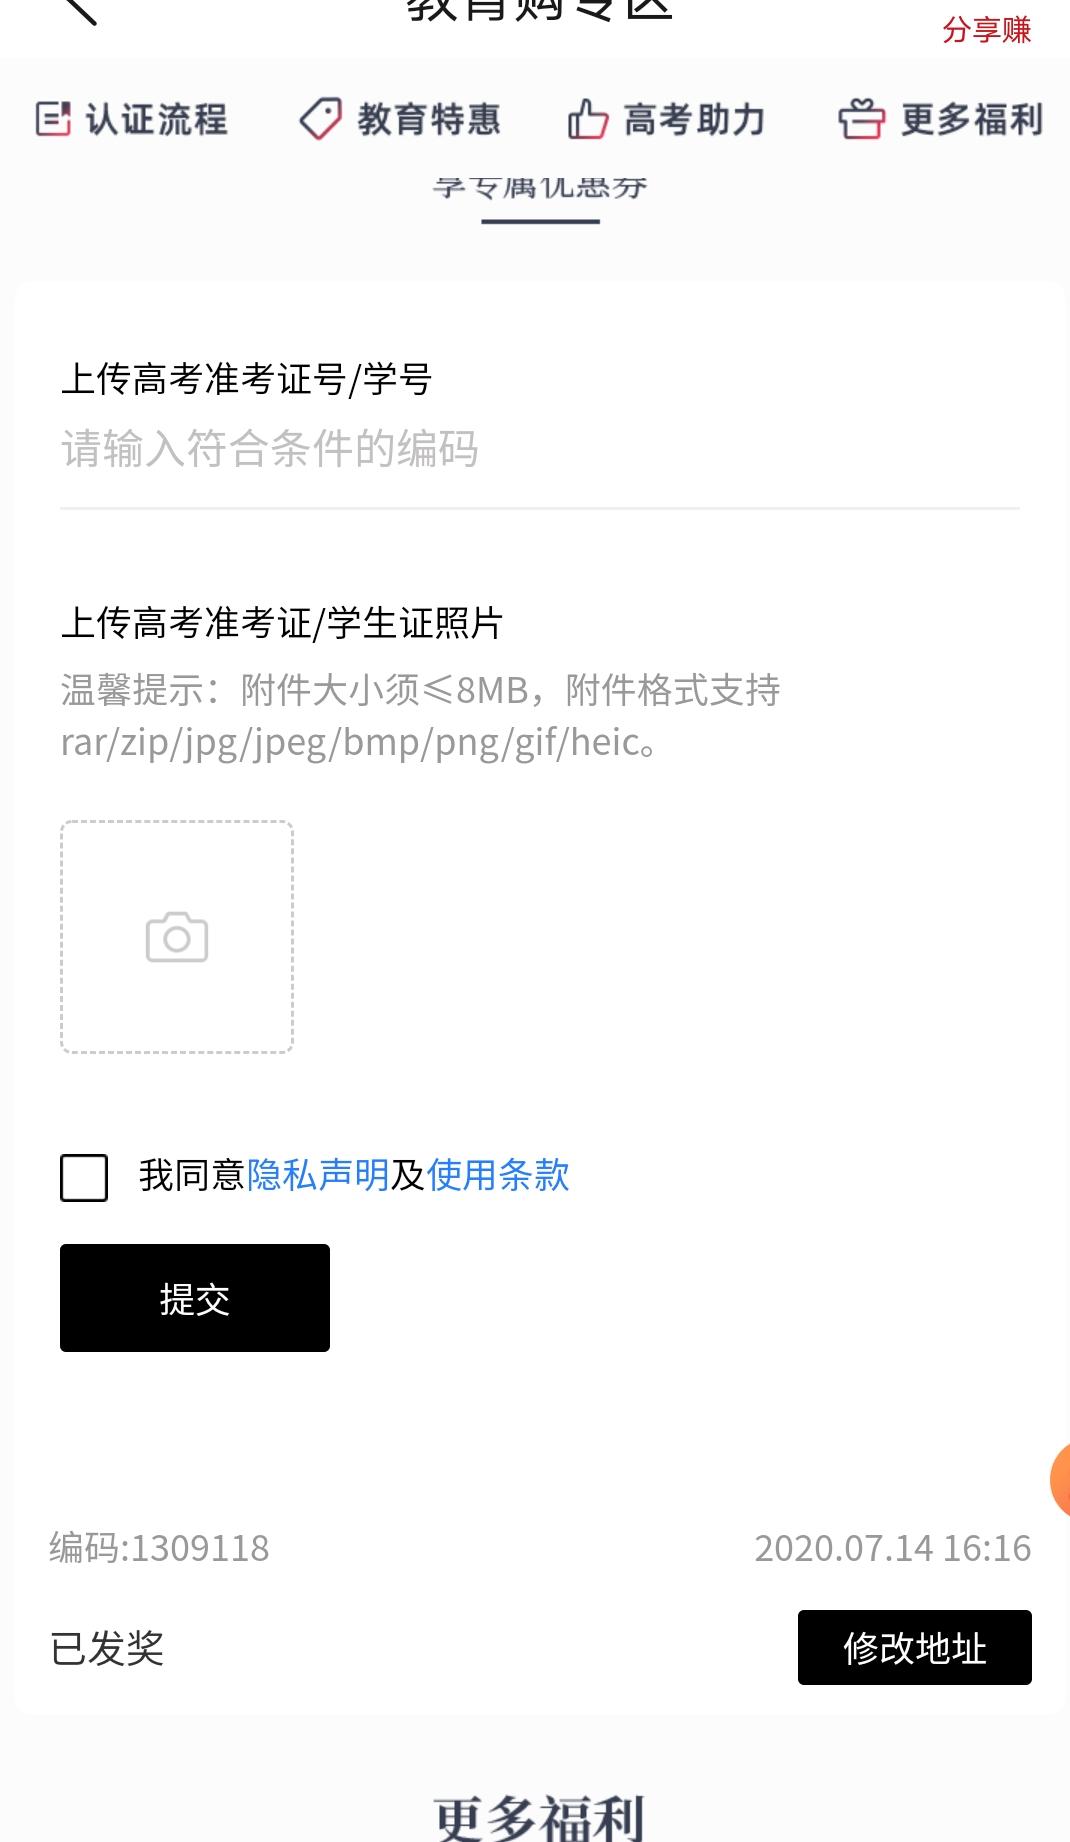 Screenshot_20200714_213145_com.vmall.client.png